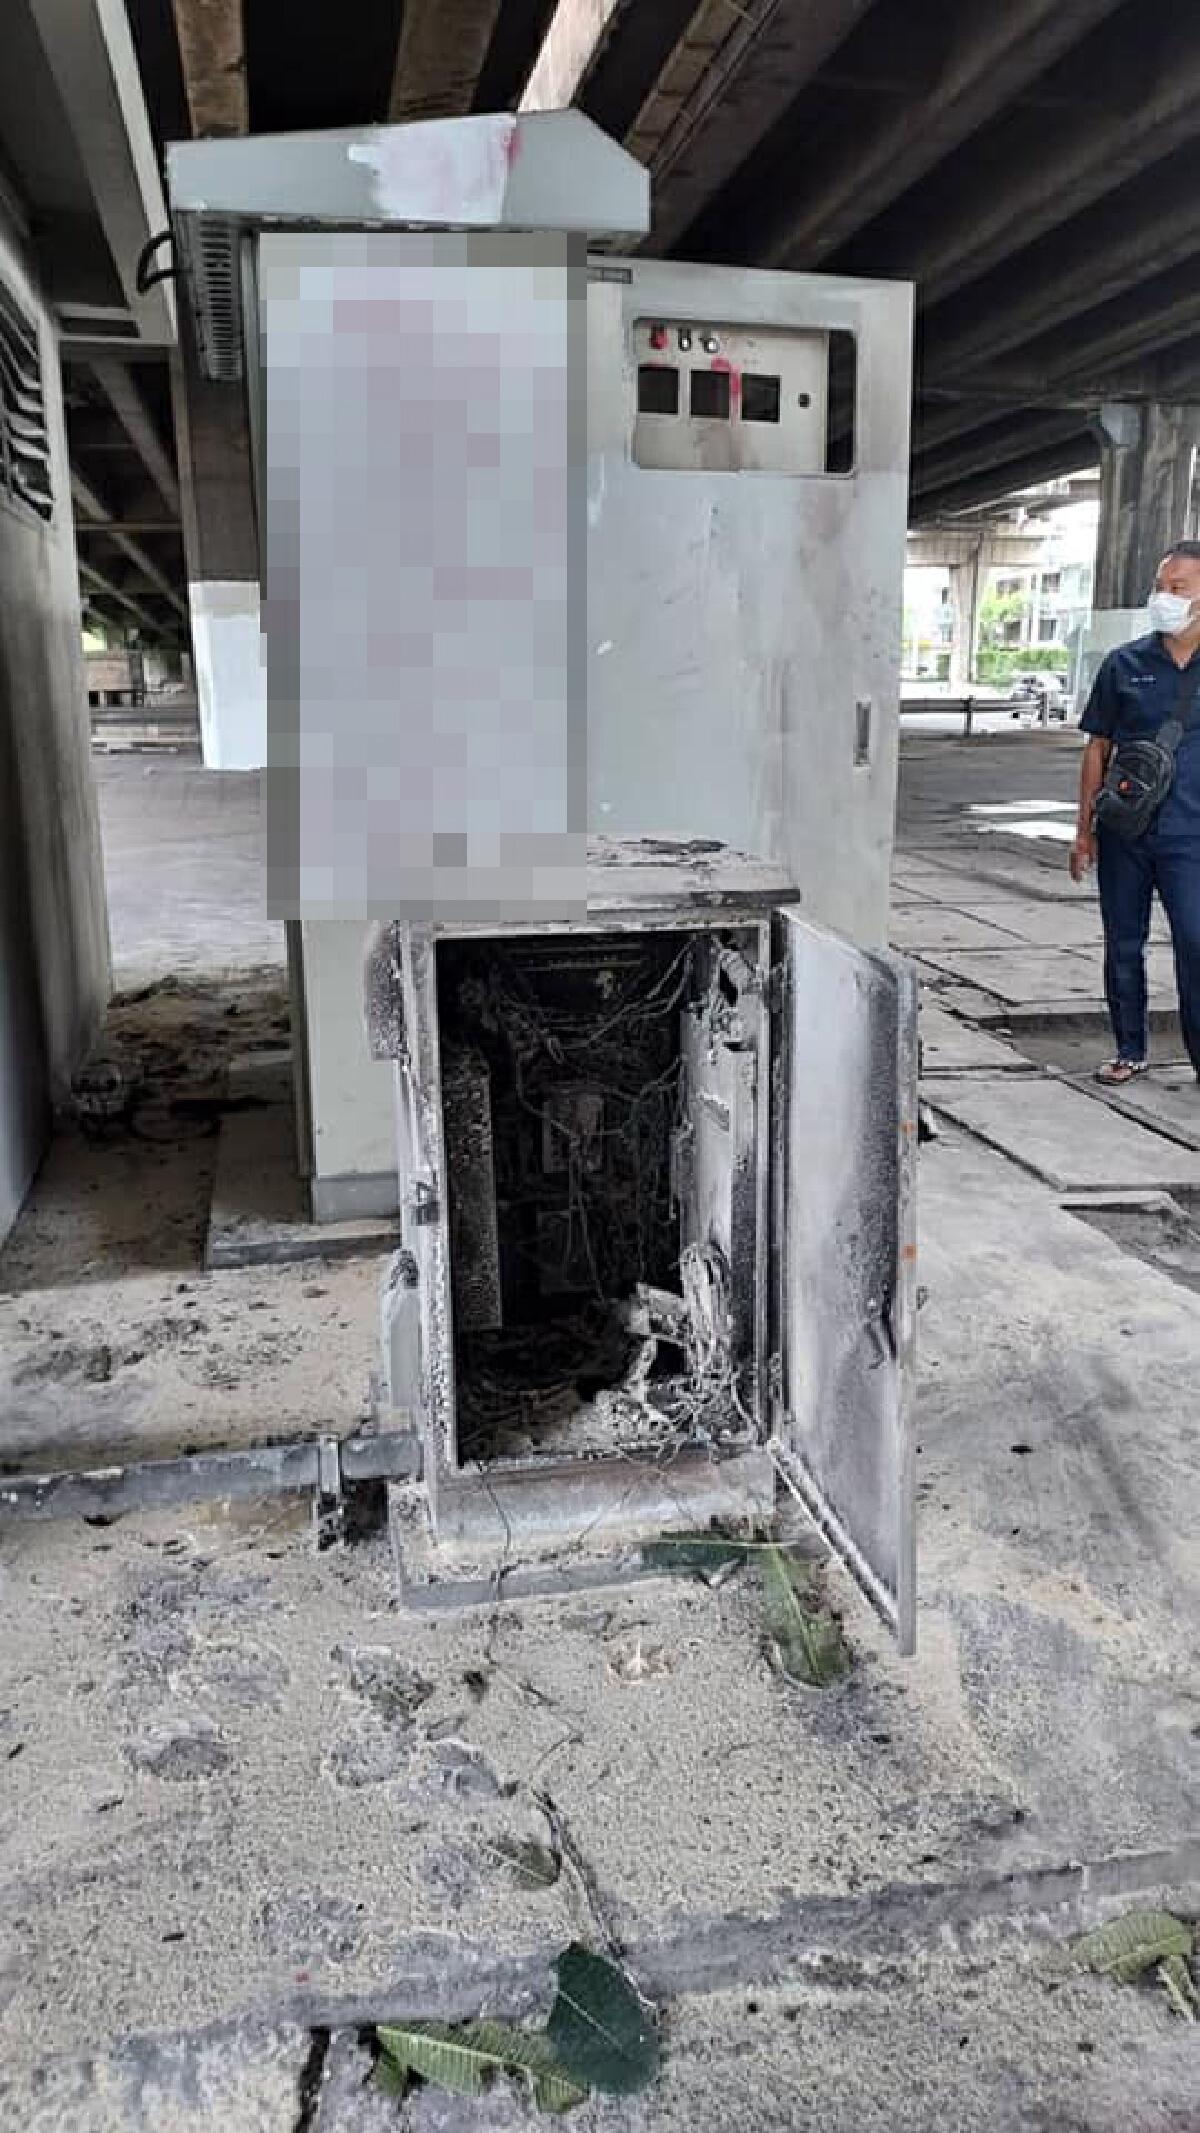 """ม็อบเผาทำลายตู้ควบคุมอุโมงค์ใต้ดิน""""แยกดินแดง""""หวั่นเกิดอุบัติเหตุ"""